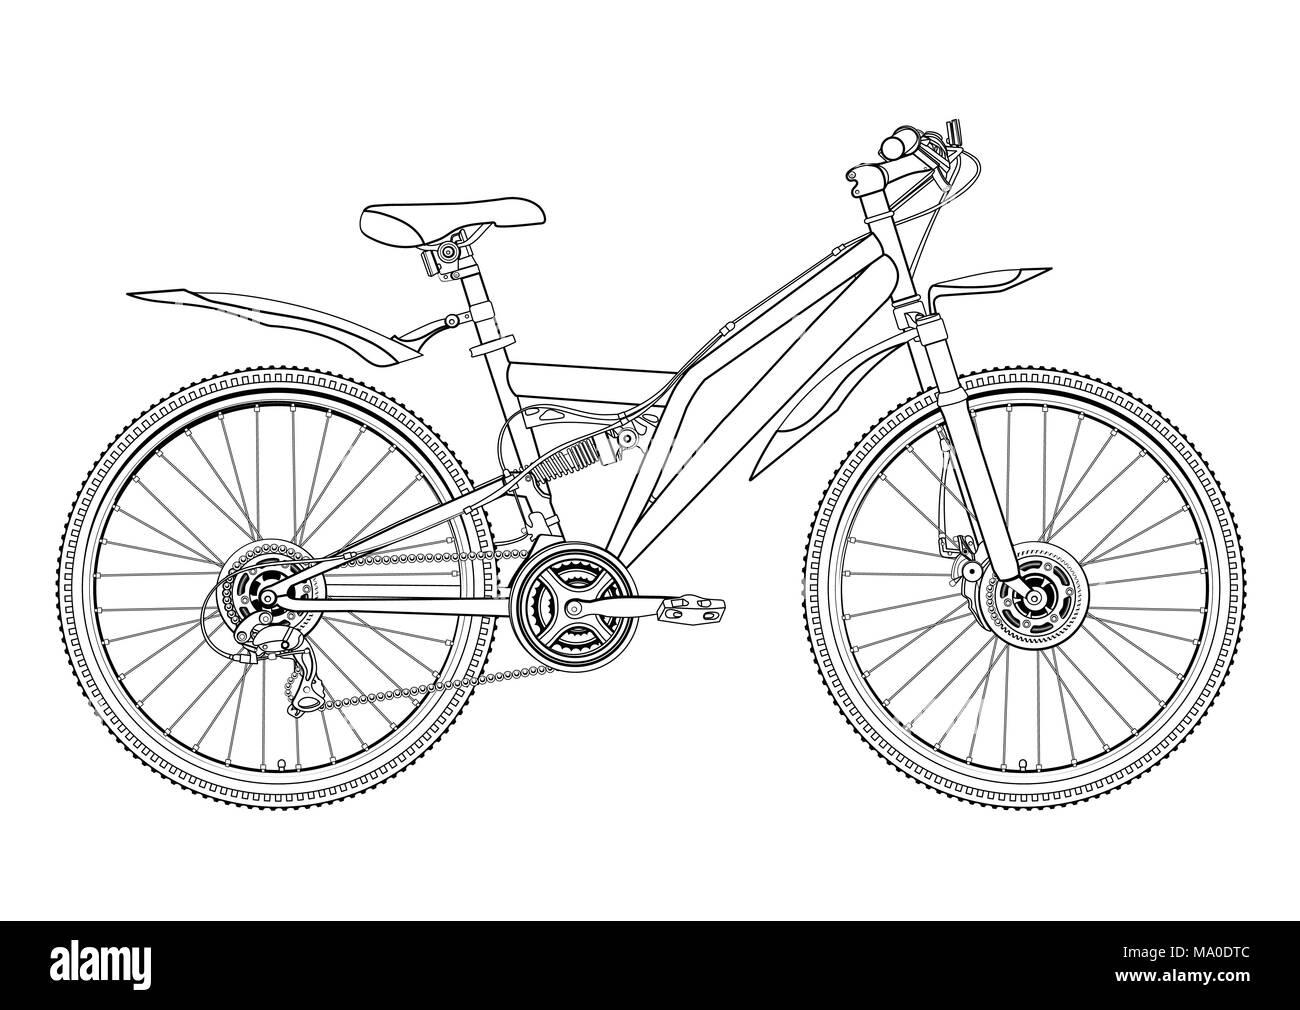 Único Colorear Bicicleta Molde - Ideas Para Colorear ...